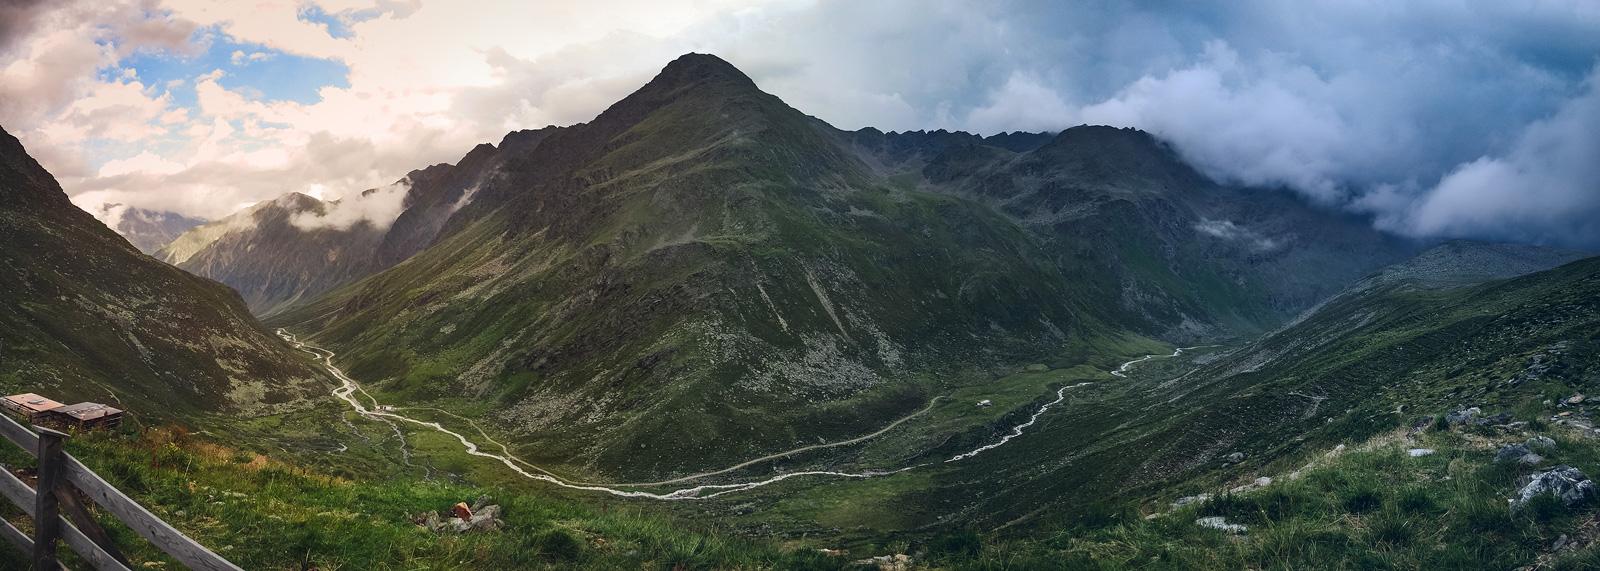 Blick übers Gleirschtal, Tirol, Österreich